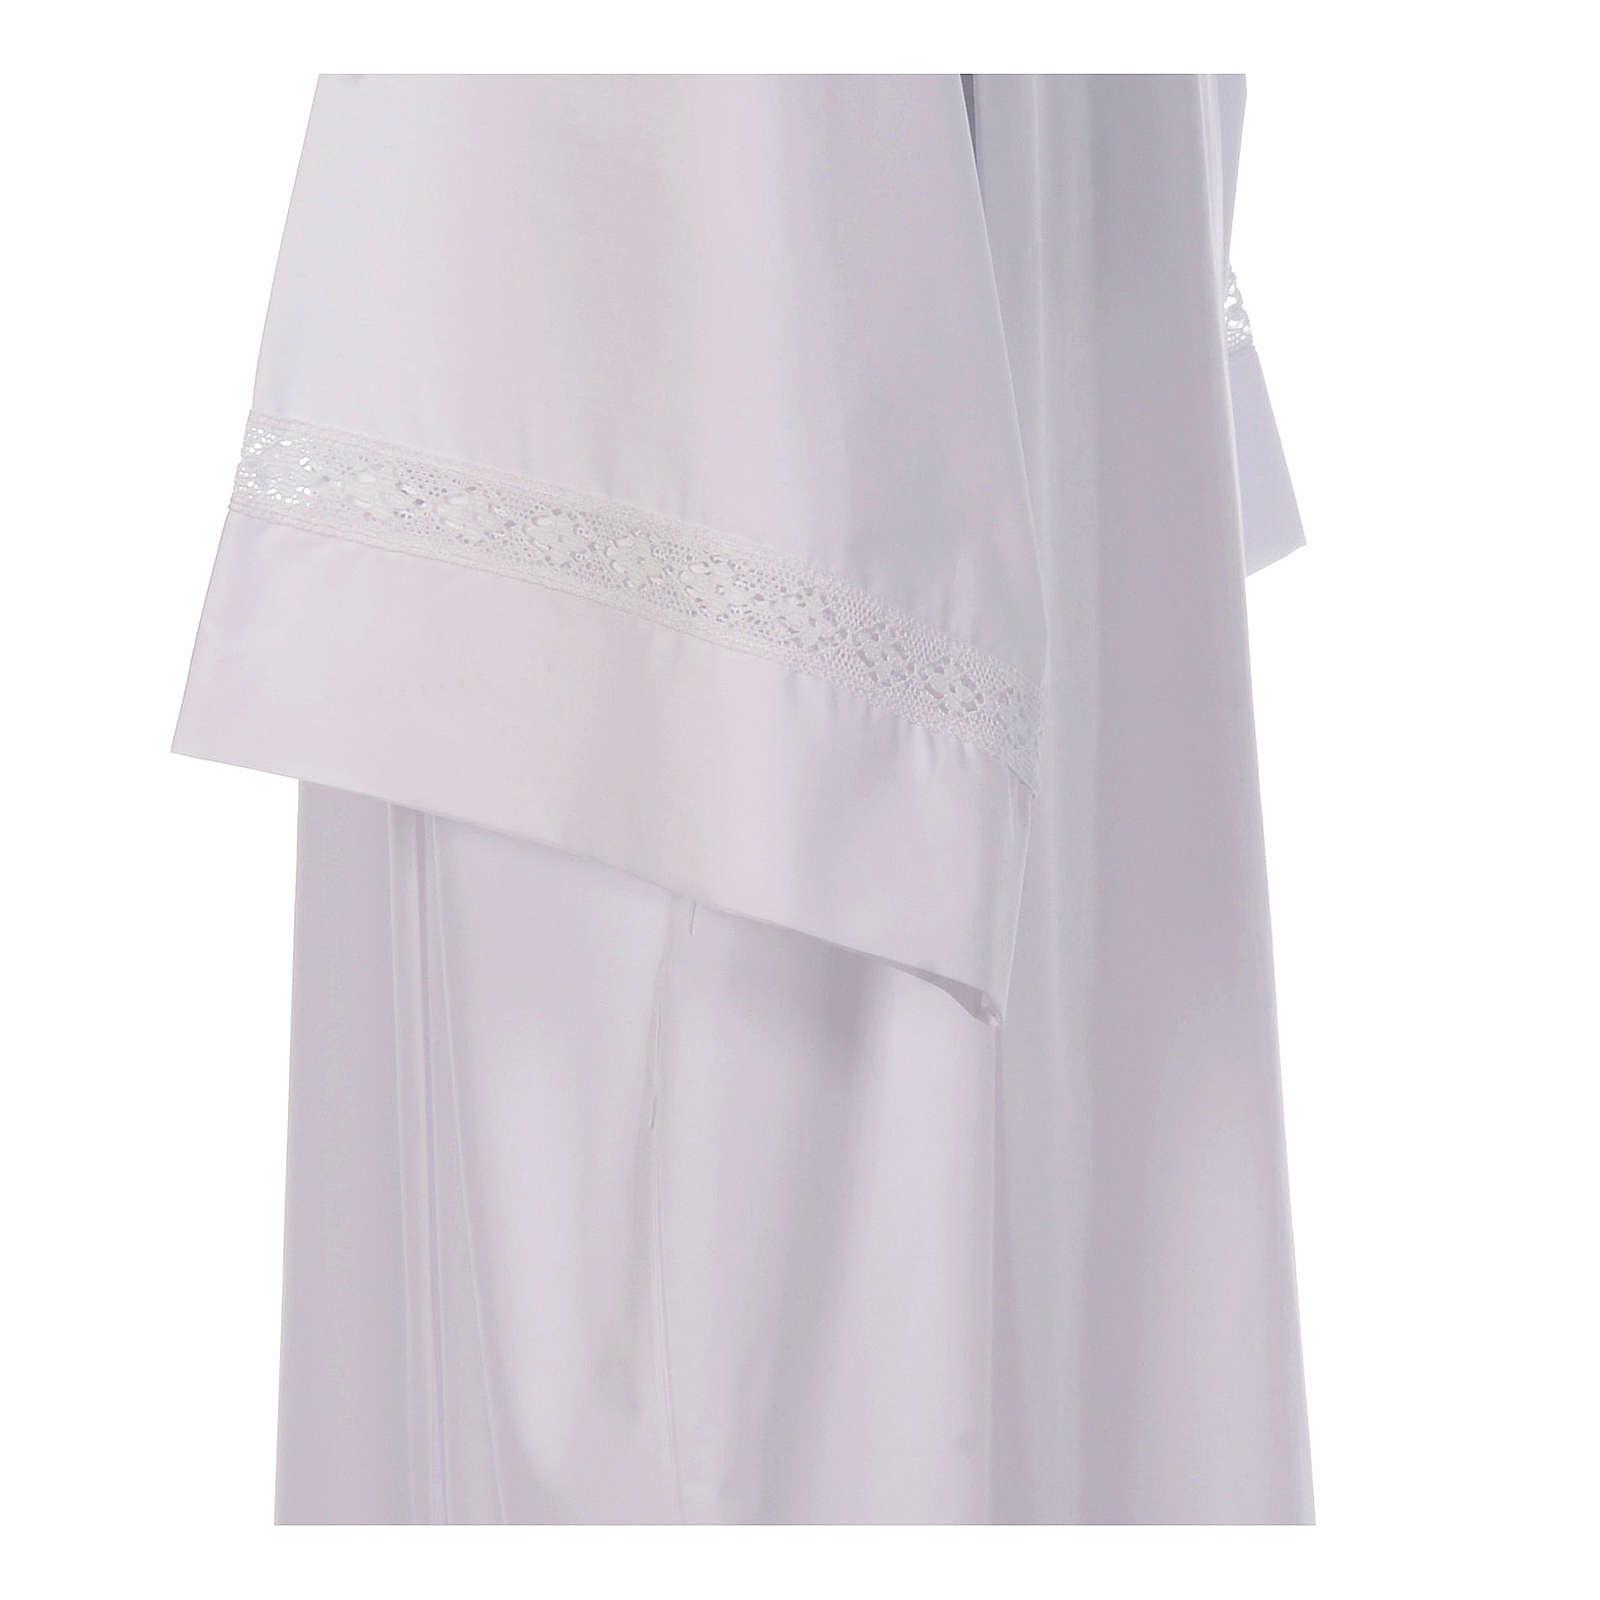 Camice bianco piegoni e pizzo di cotone su fondo e maniche misto cotone 4